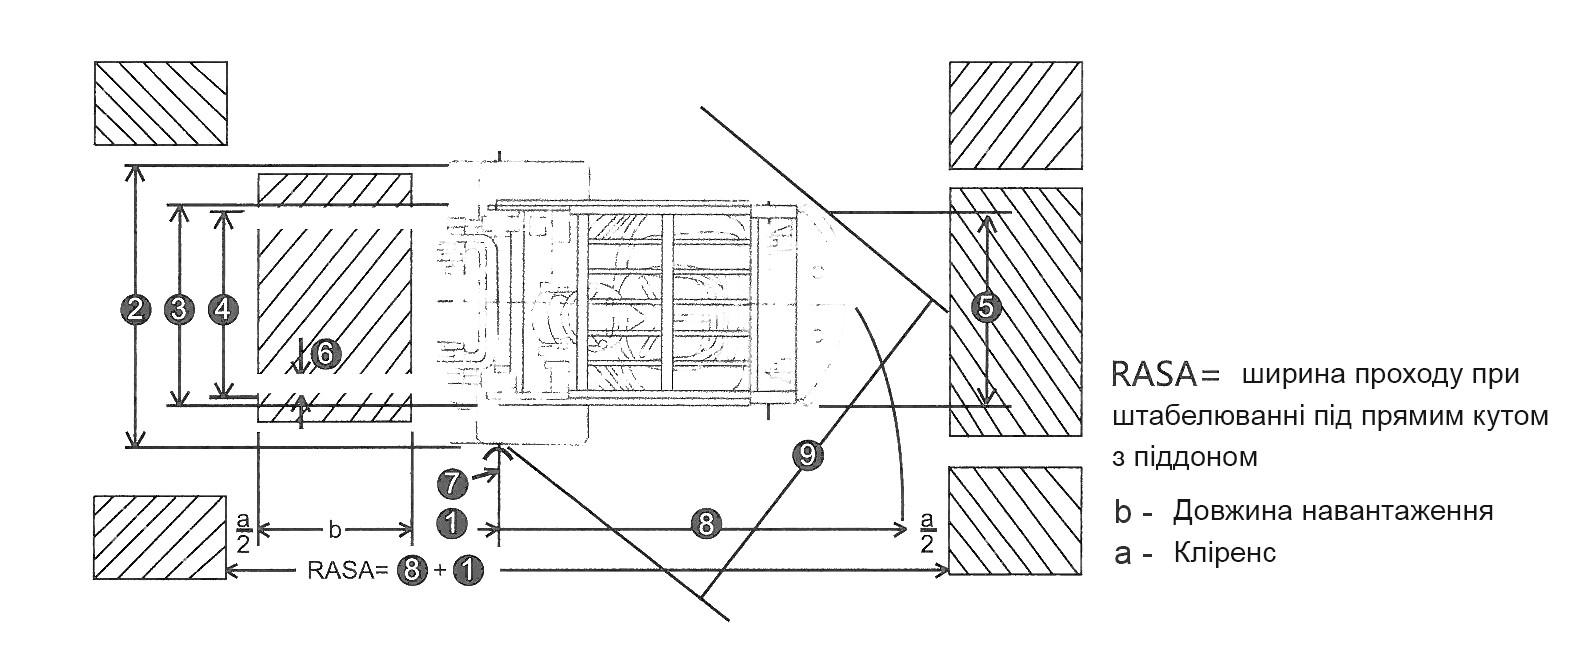 Креслення вилкового навантажувача FG35T | Чертеж вилочного погрузчика FG35T